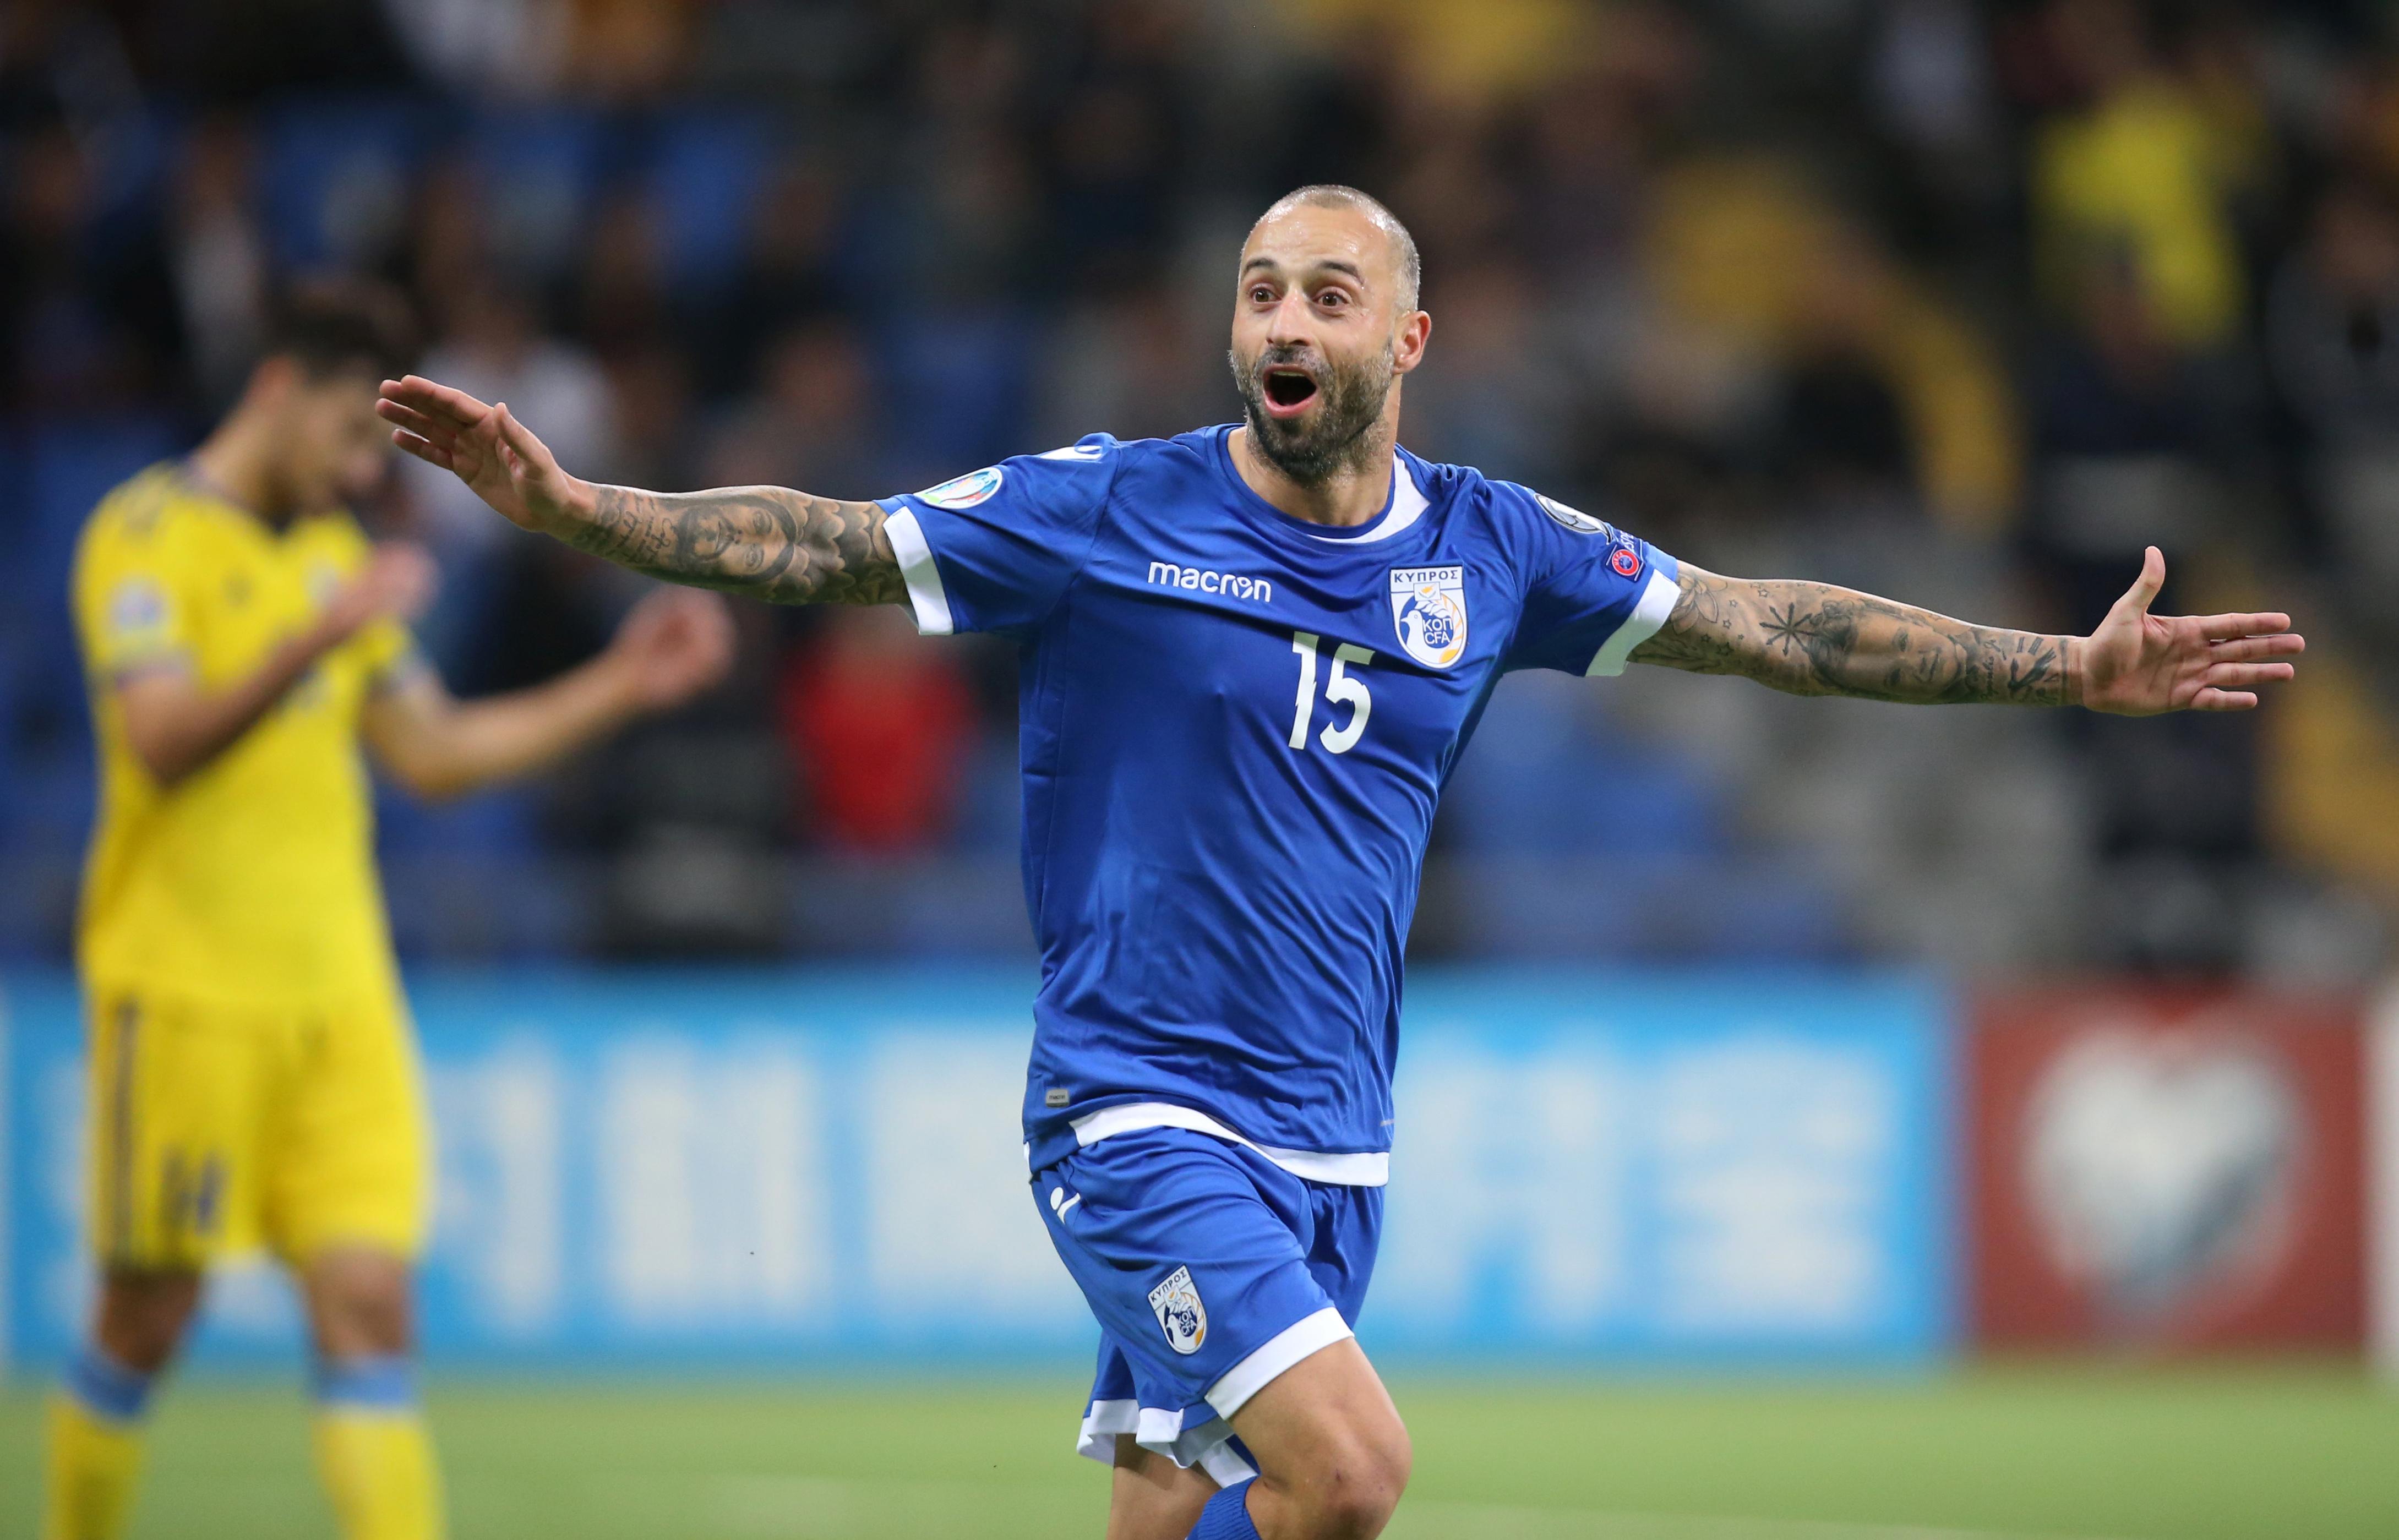 Προκριματικά Euro 2020: Ανατροπή και διπλό για την Κύπρο! – video